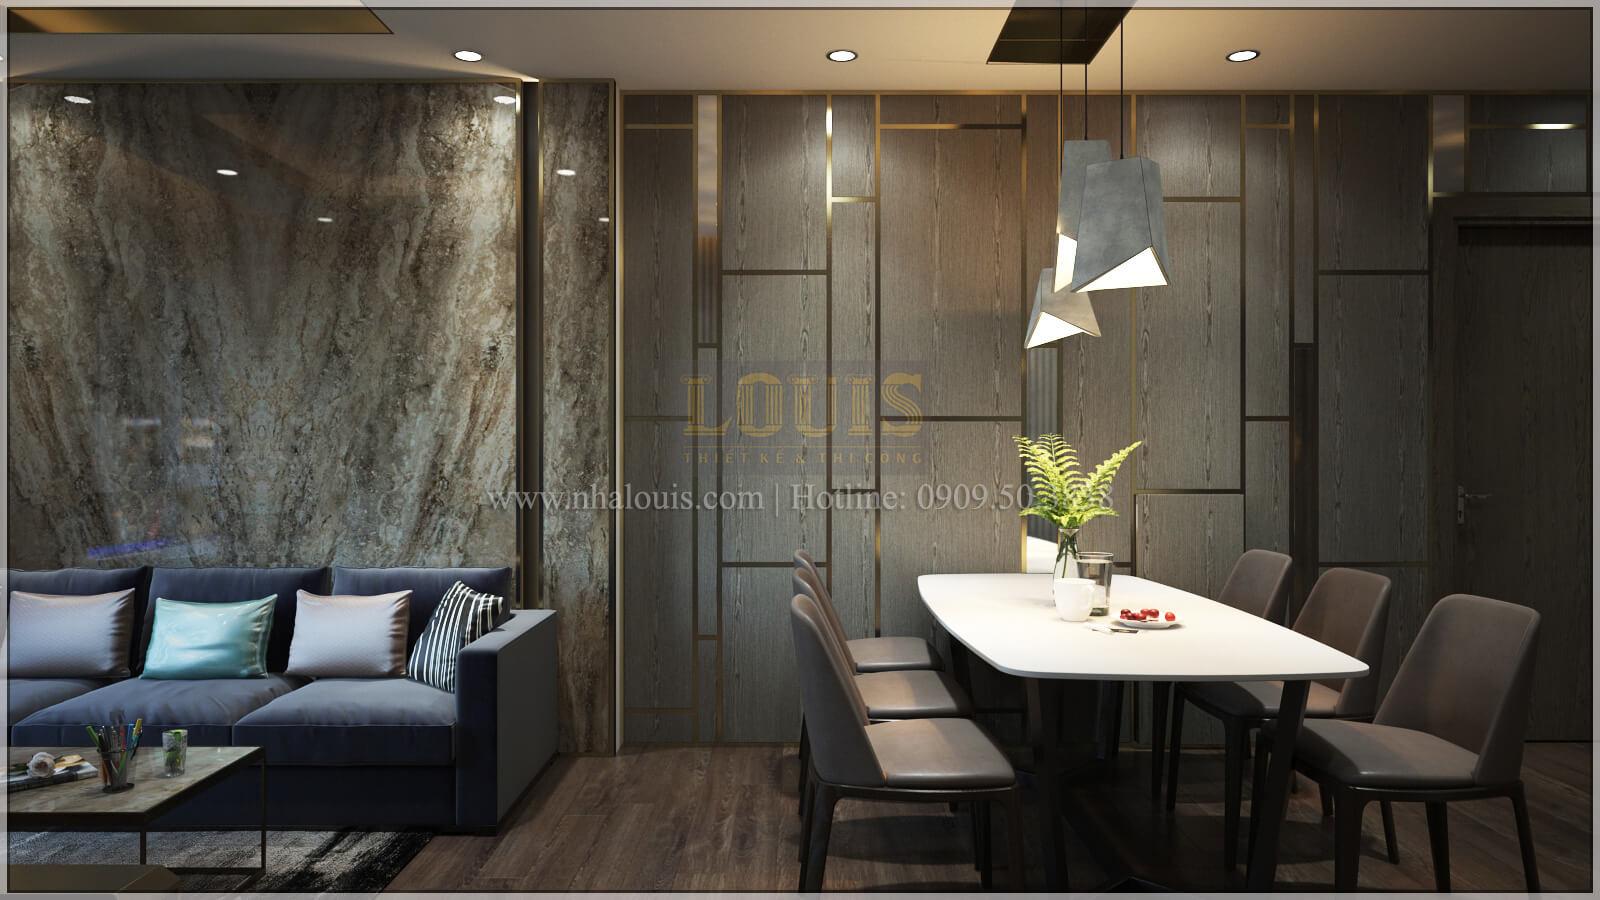 Phòng khách + phòng ăn thiết kế căn hộ the park residence với nội thất sang trọng tại quận 7